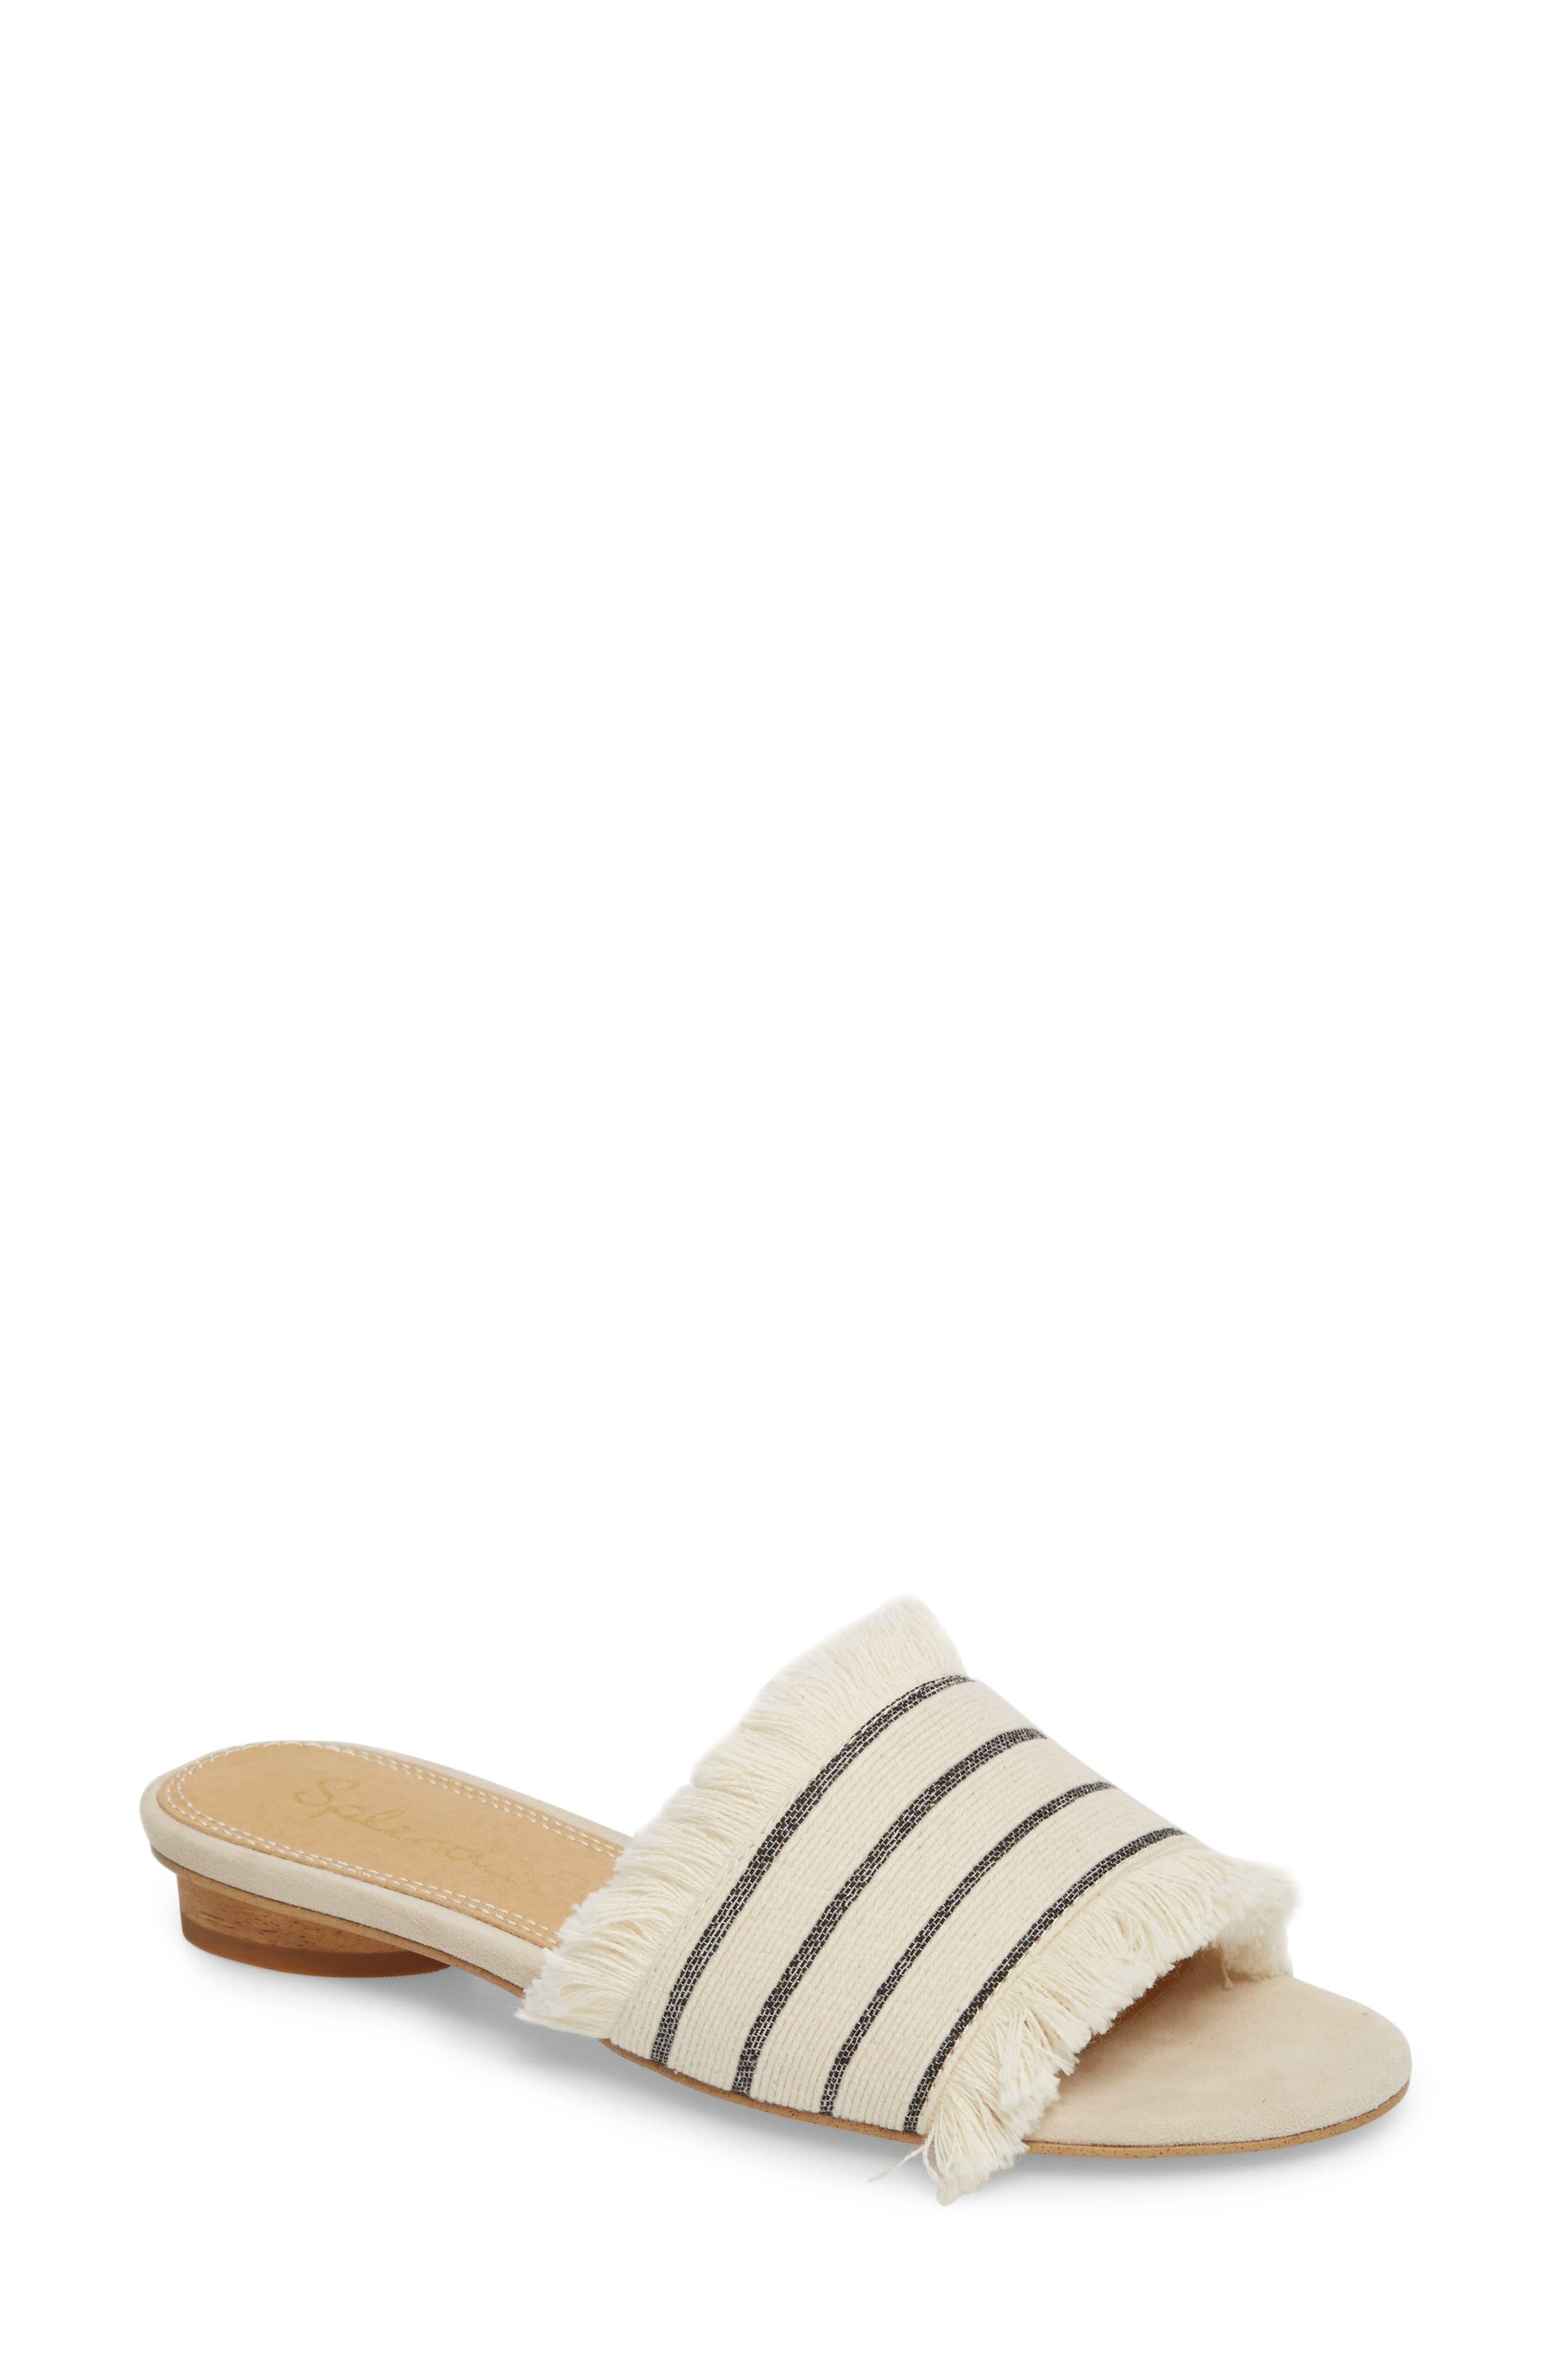 Baldwyn Fringe Slide Sandal,                         Main,                         color, 100